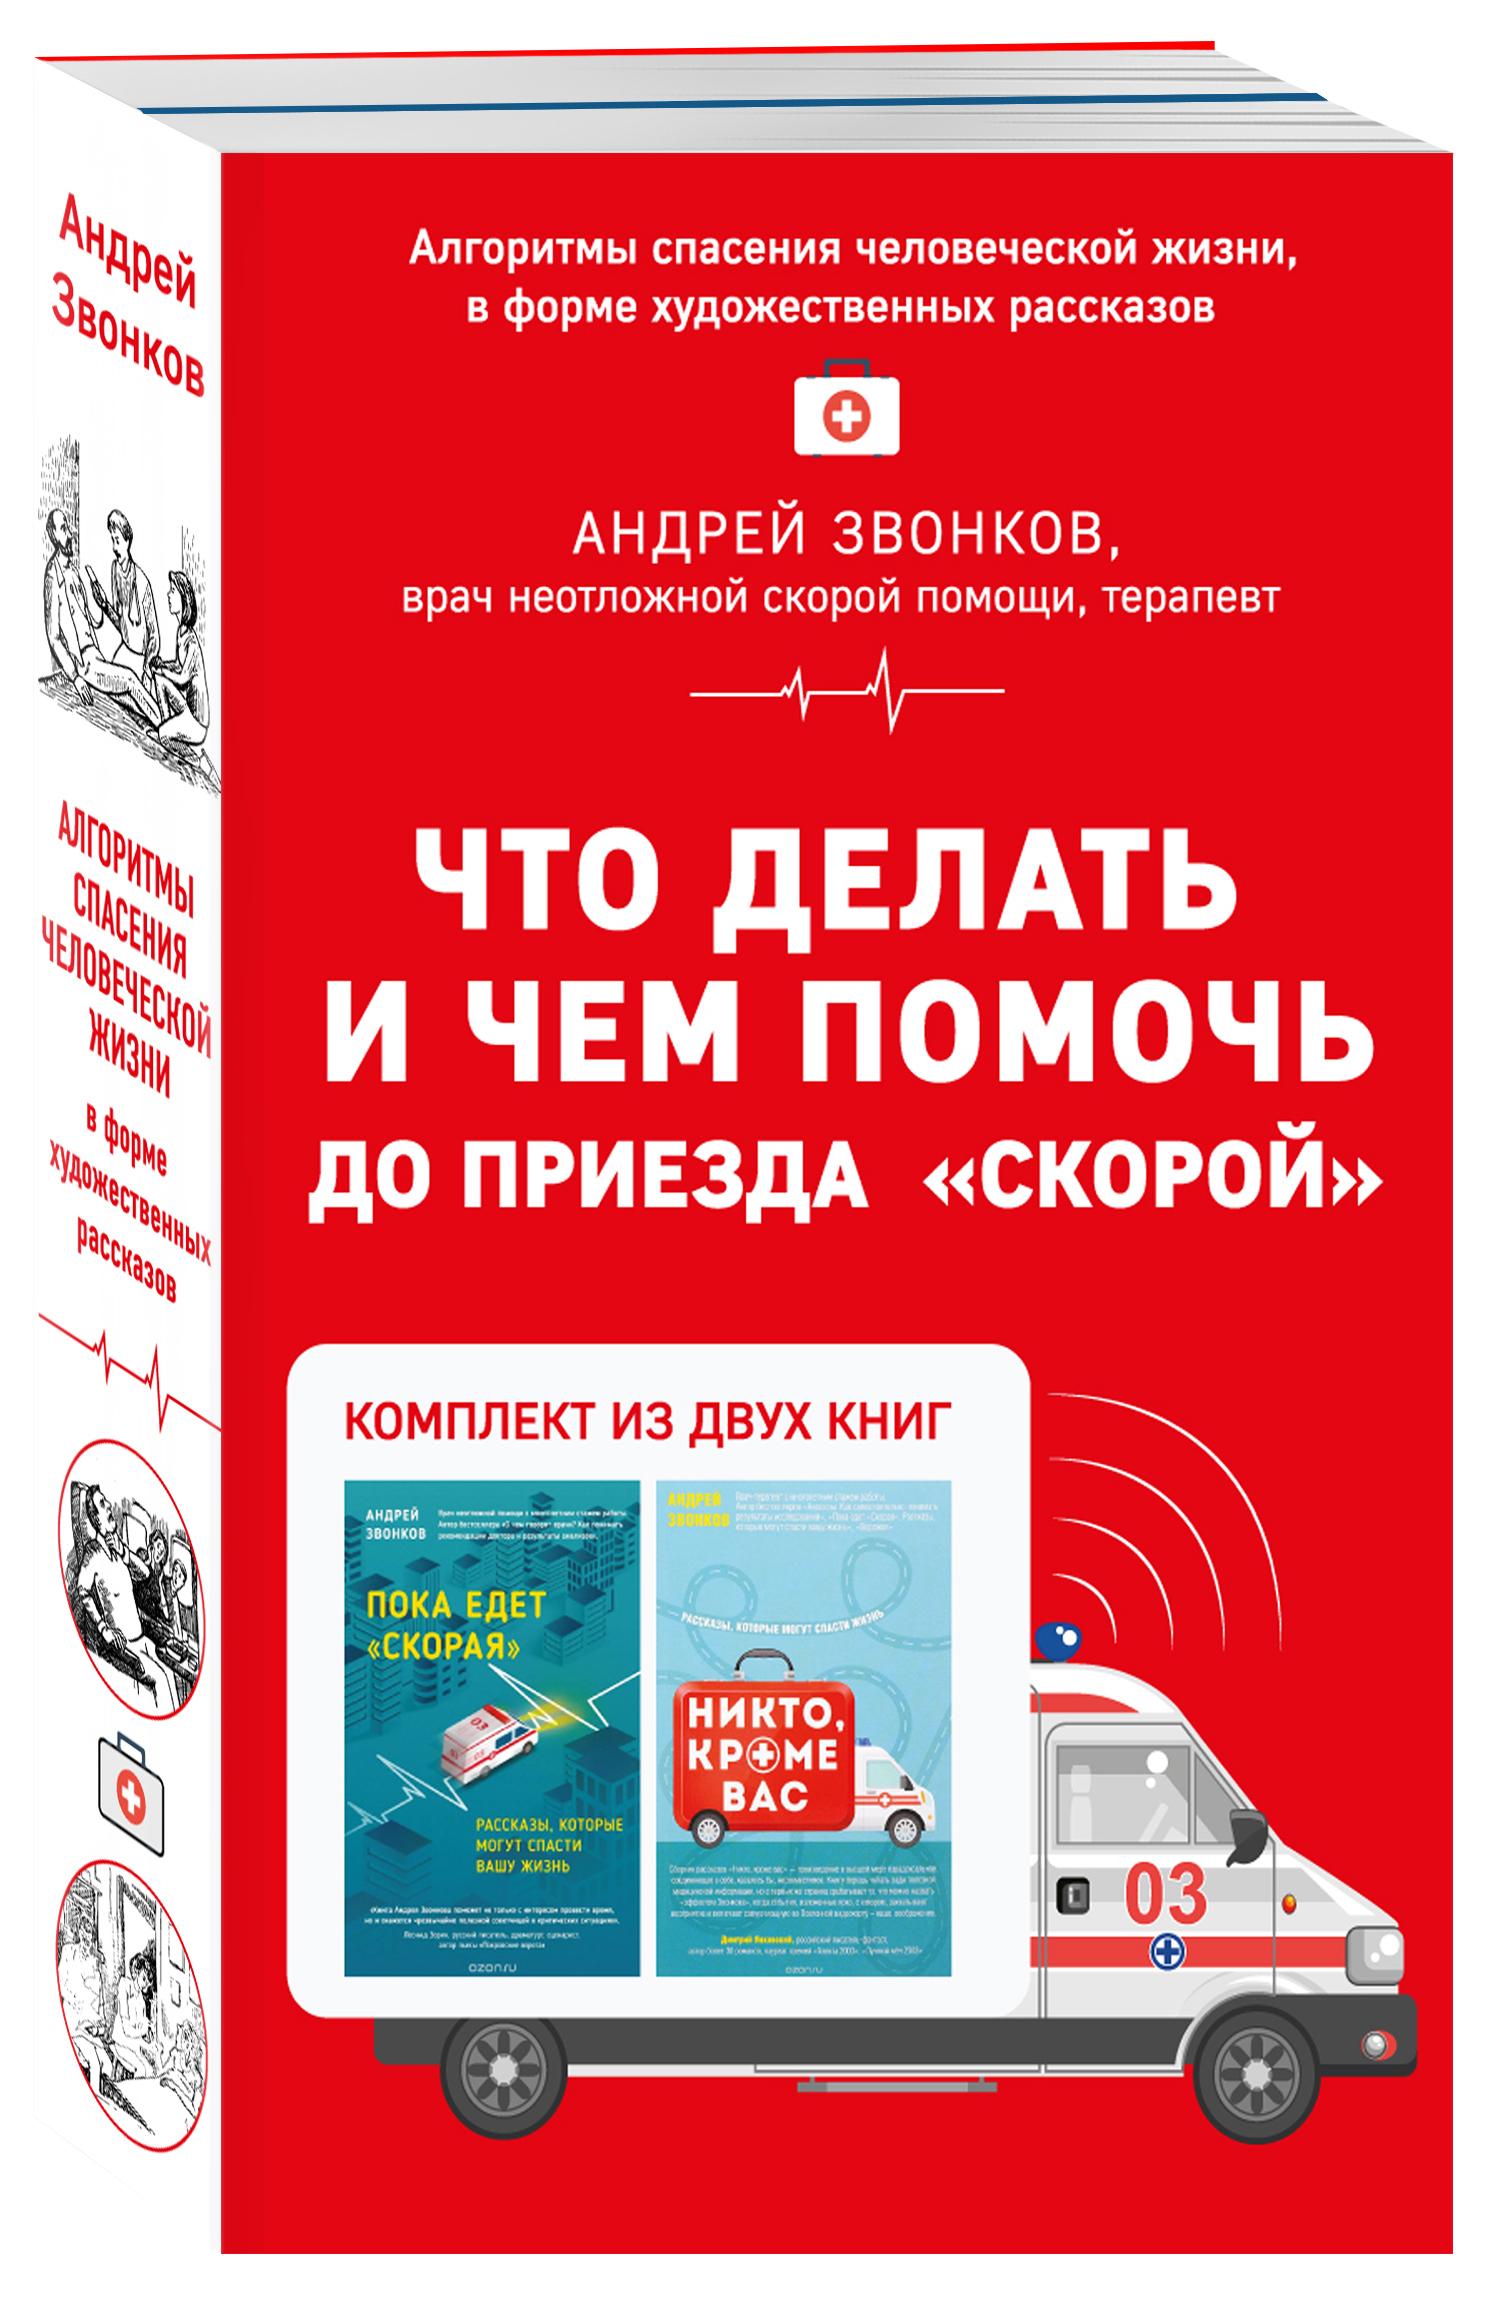 """Что делать и чем помочь до приезда """"скорой"""" (комплект из двух книг)"""